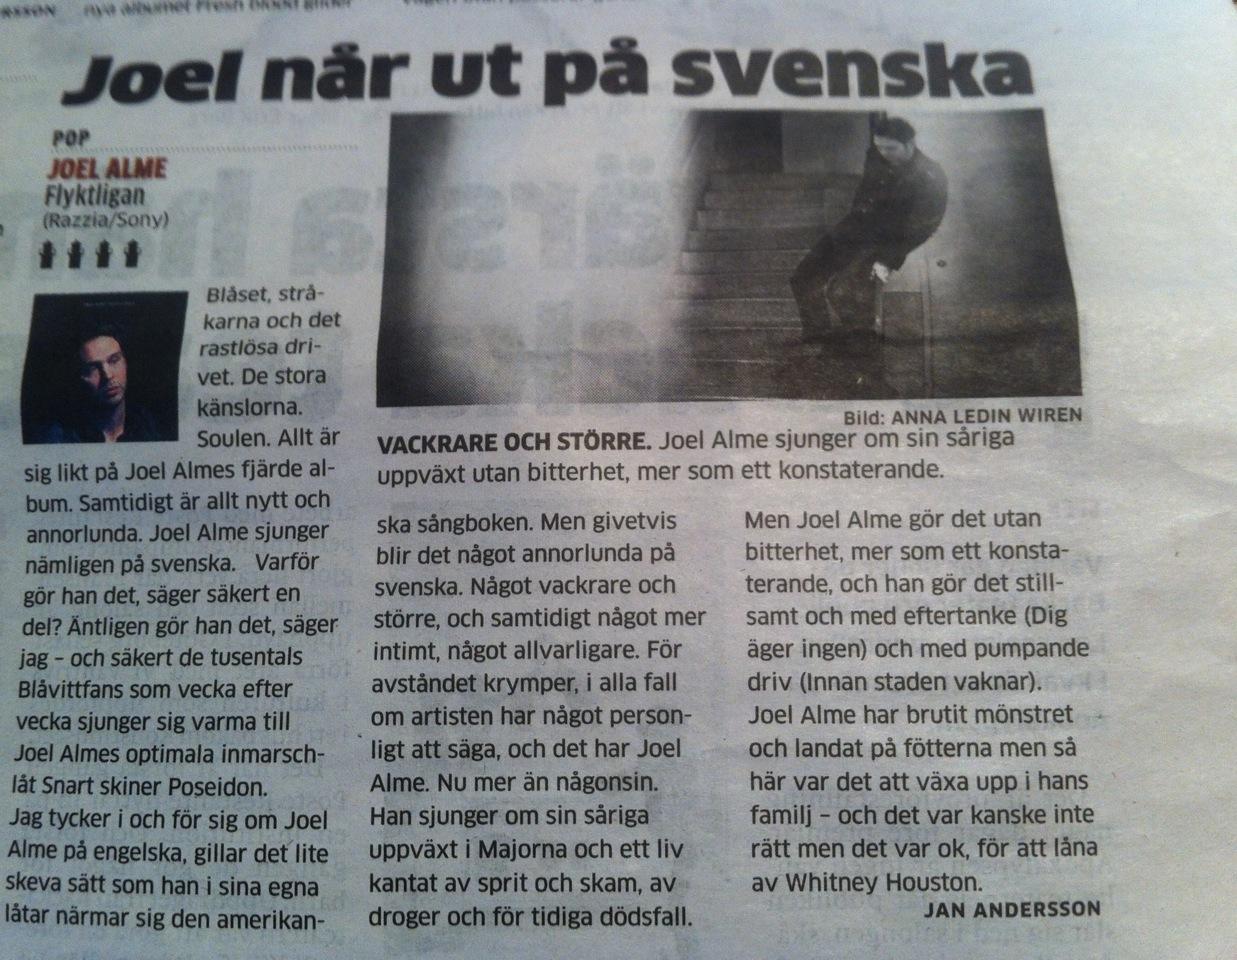 Joel Alme Flyktligan recension GP.jpg